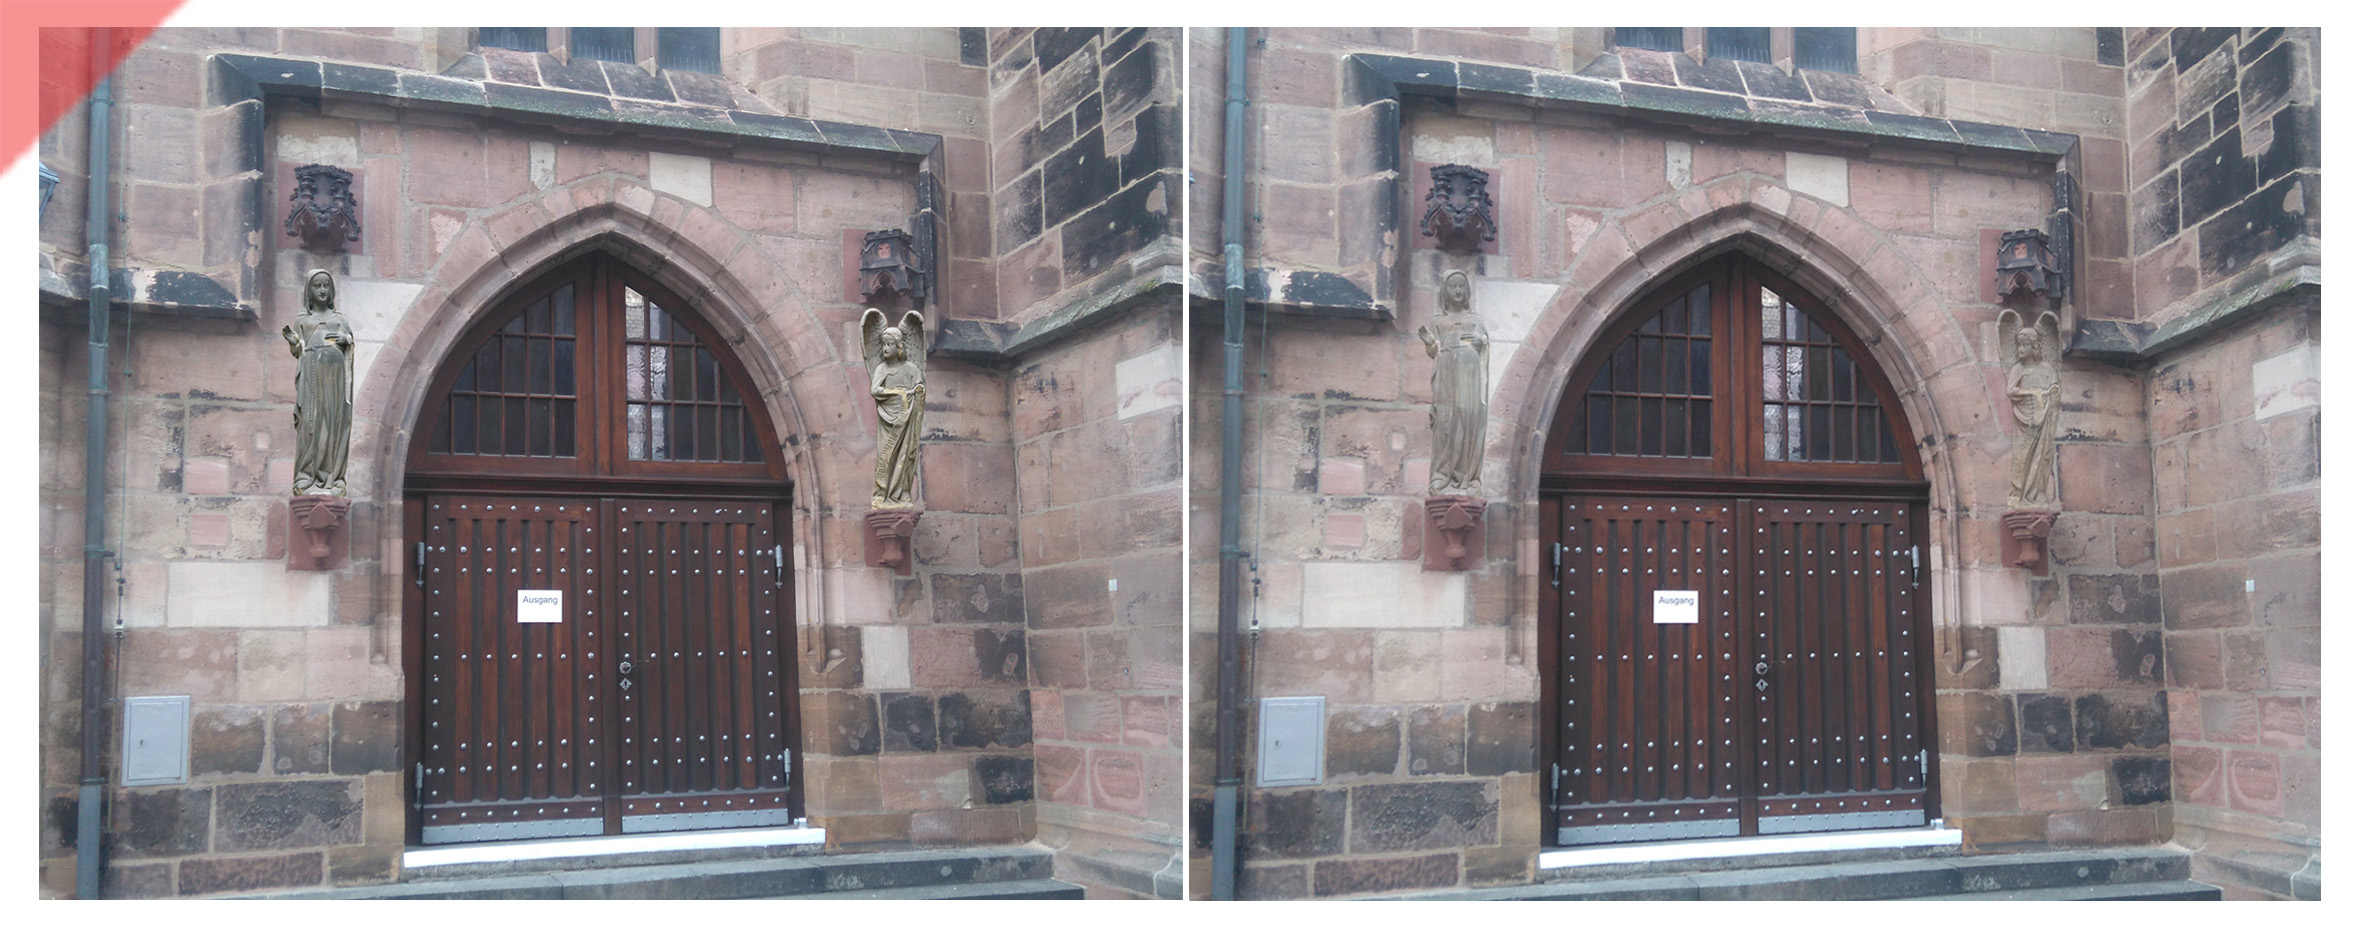 Frauenkirche-Liebfrauenkirche-Nürnberg-zwei-Skulpturen-Maria-Erzengel-Südportal